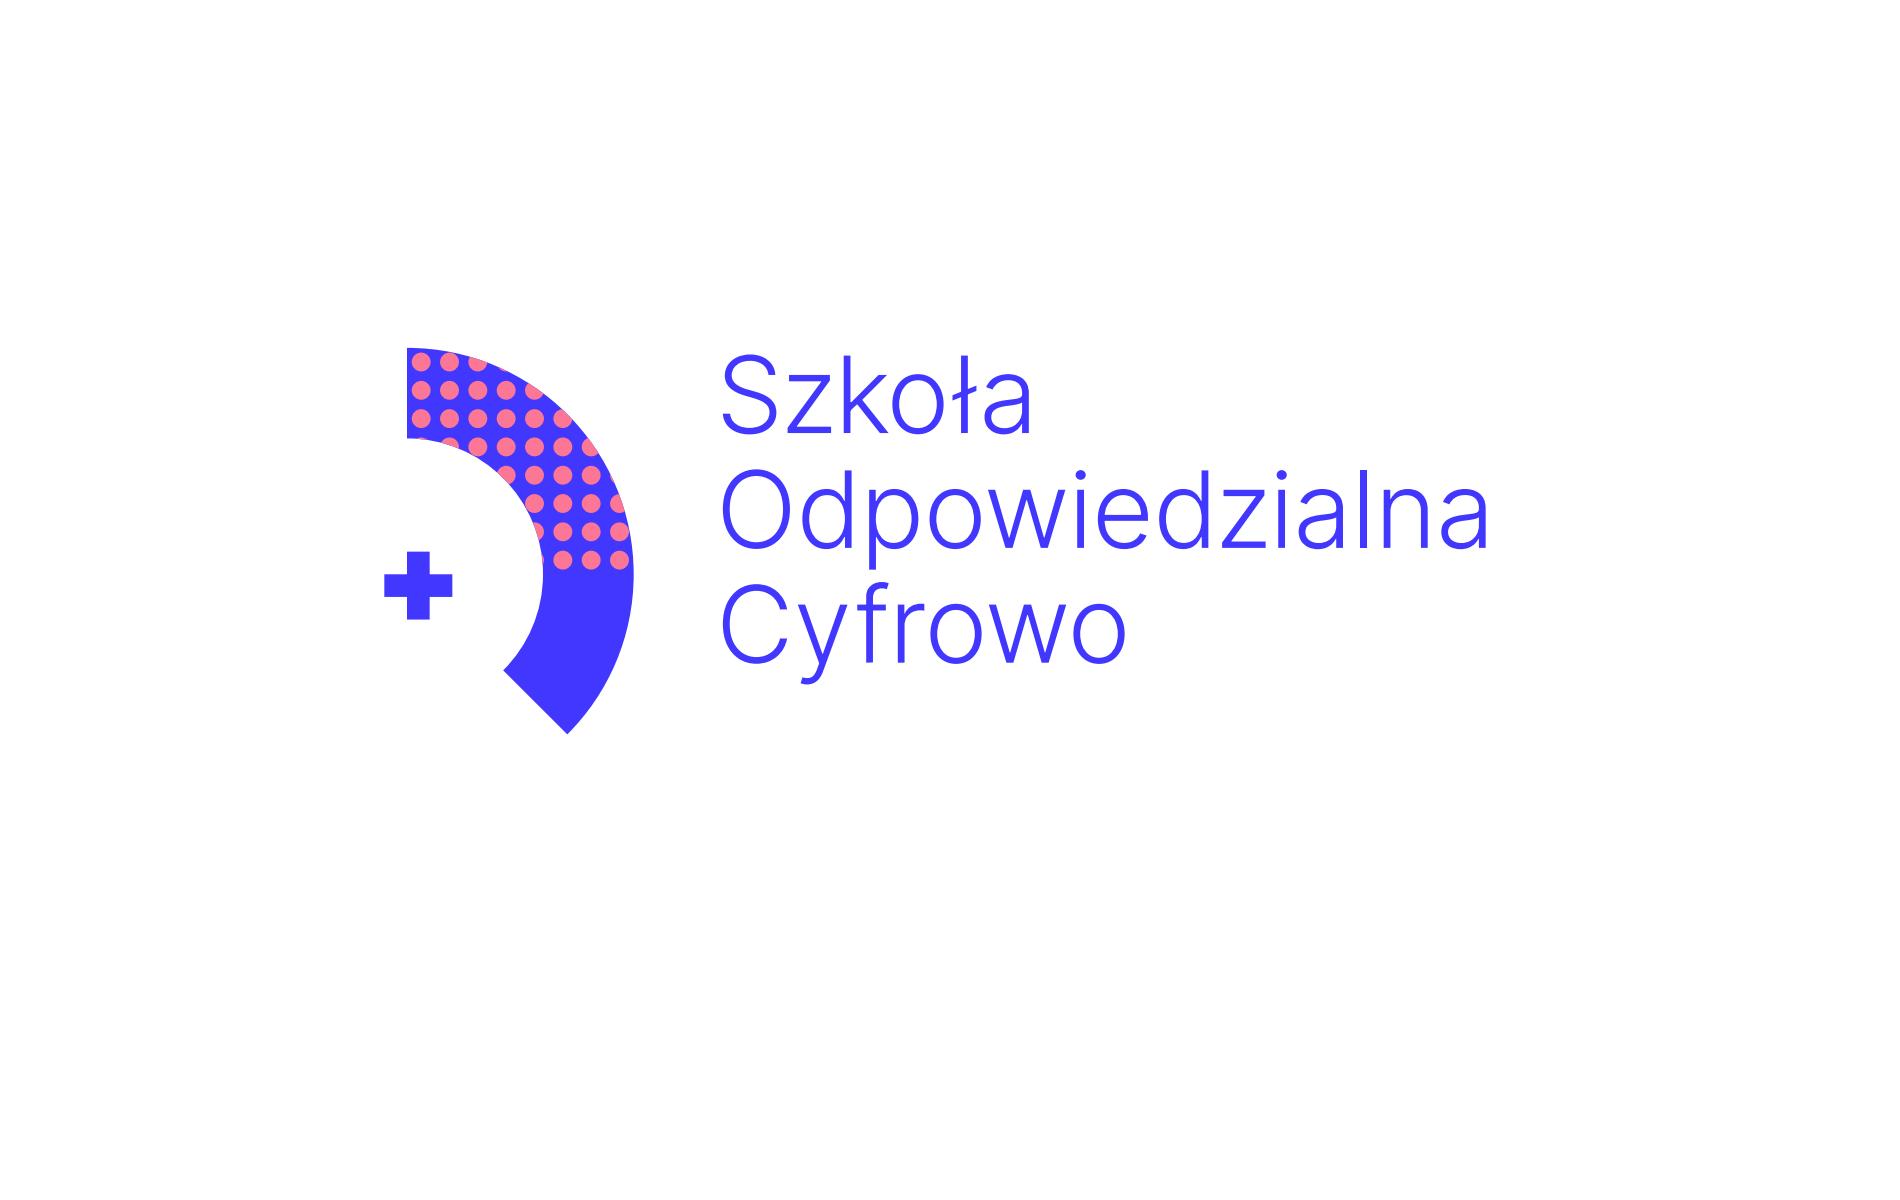 Projekt Szkoła Odpowiedzialna Cyfrowo